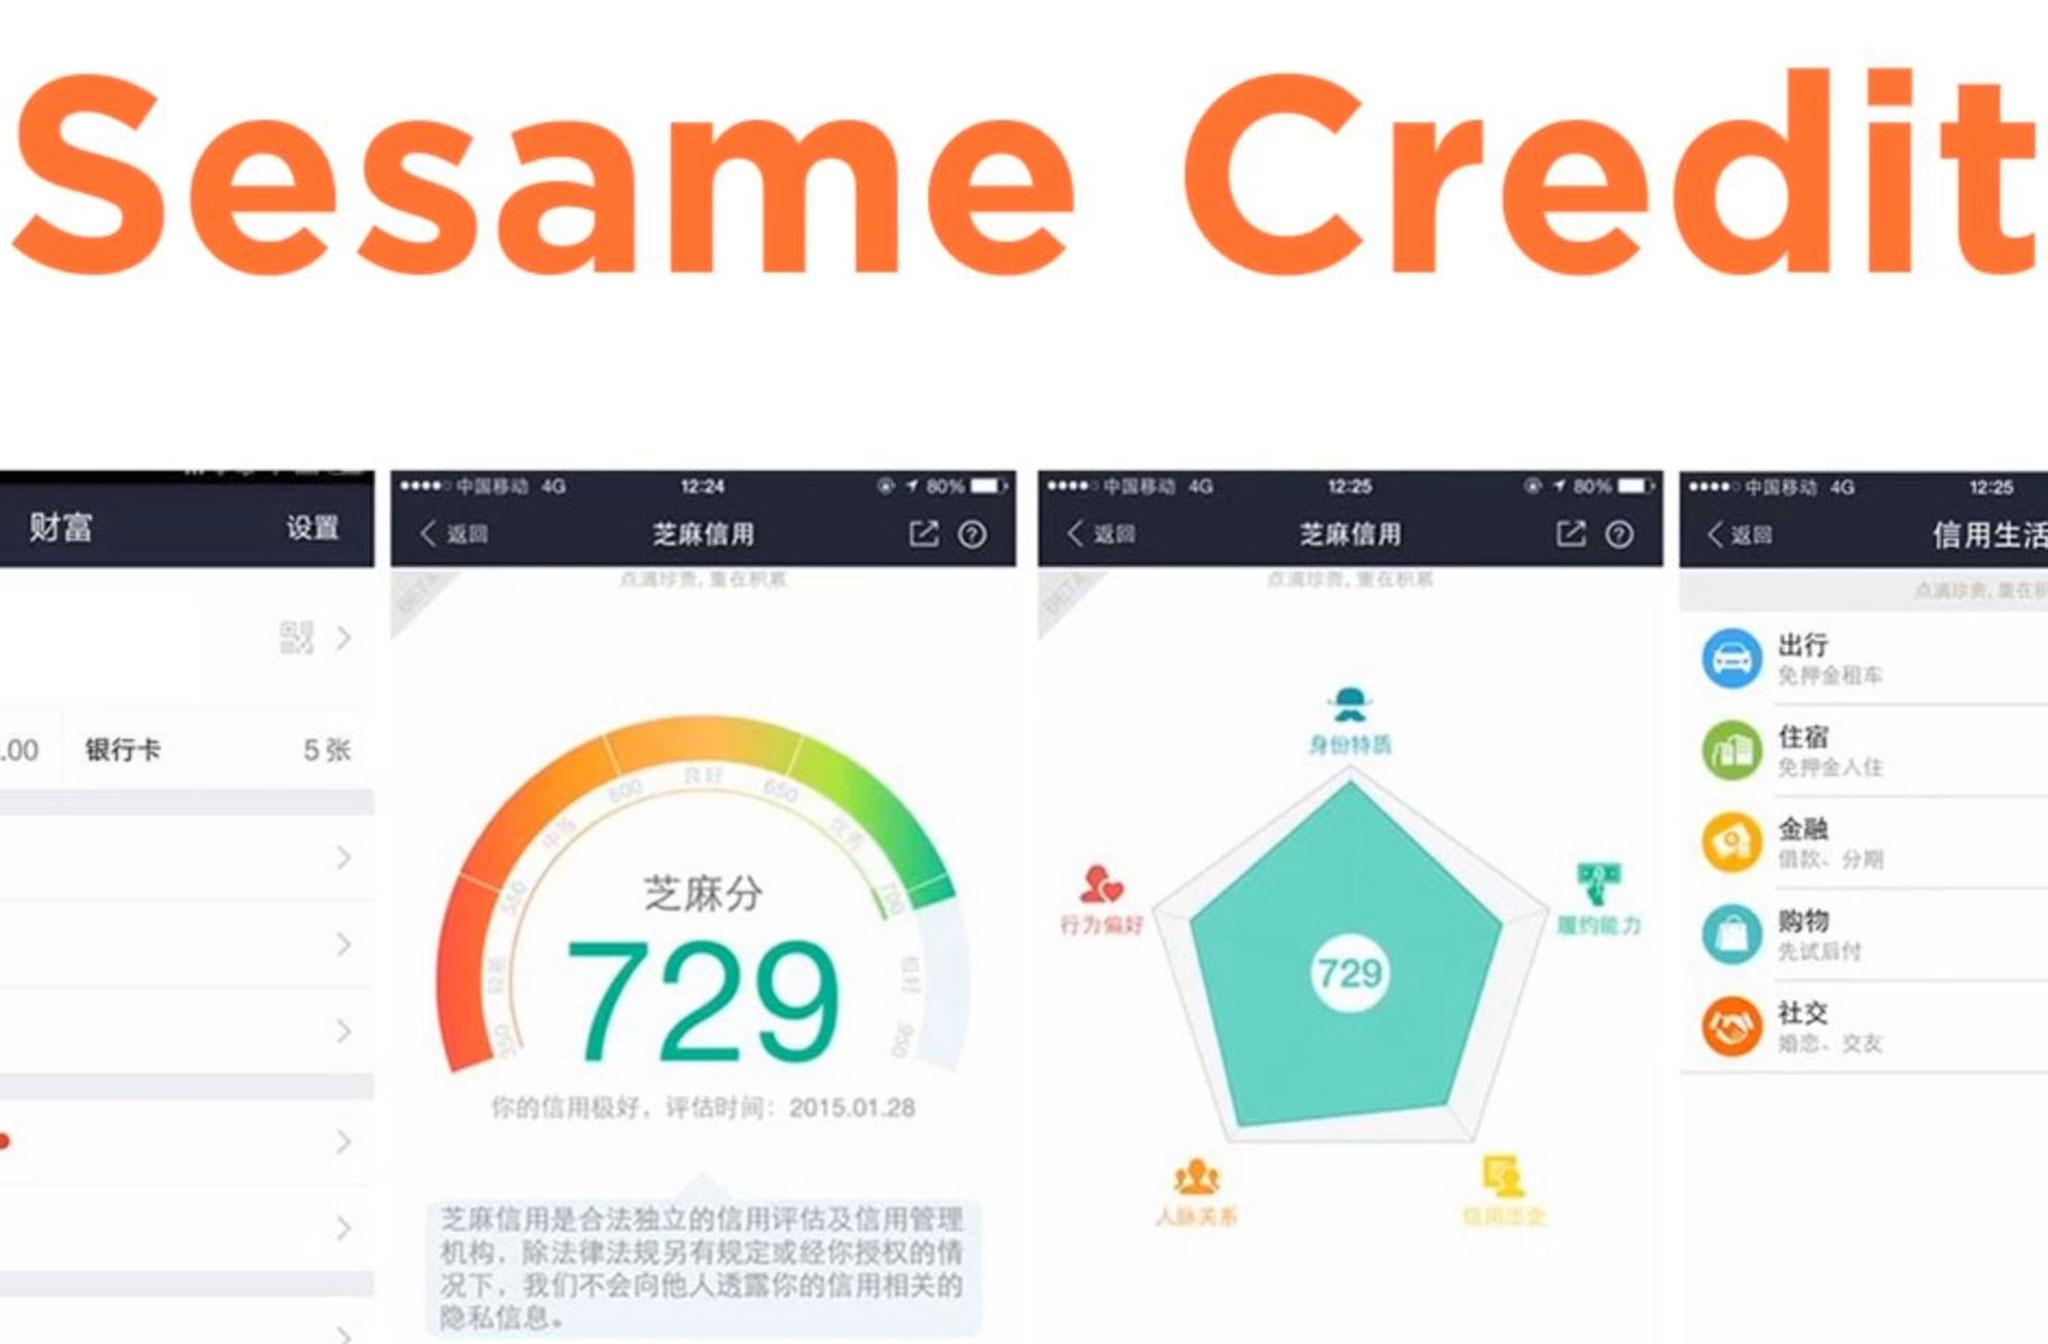 seasame_credit_app_.png